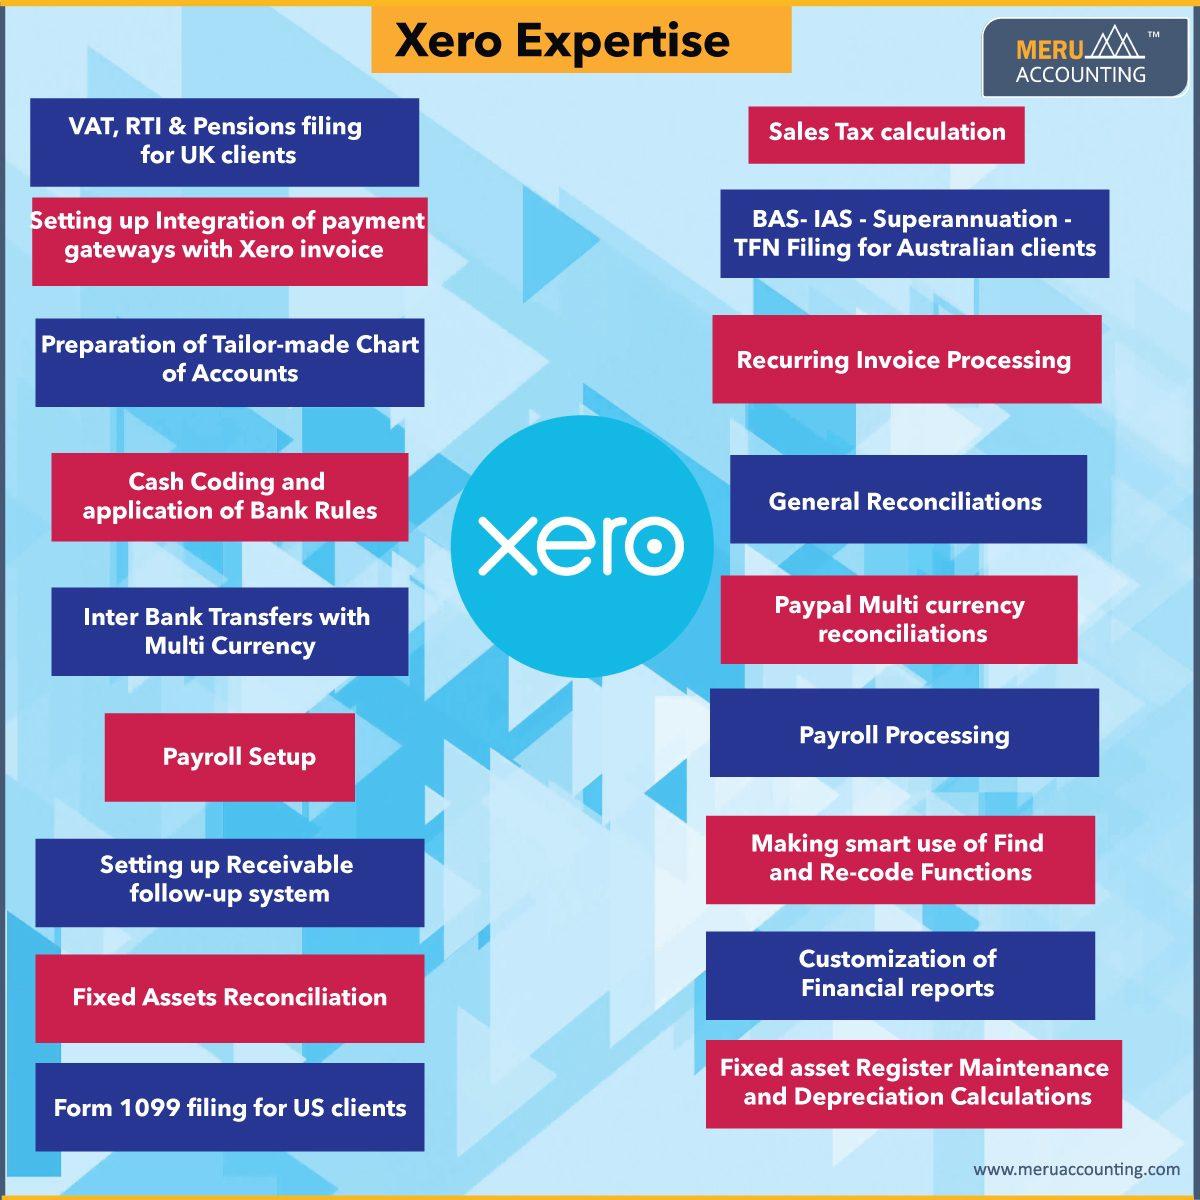 xero_expertise